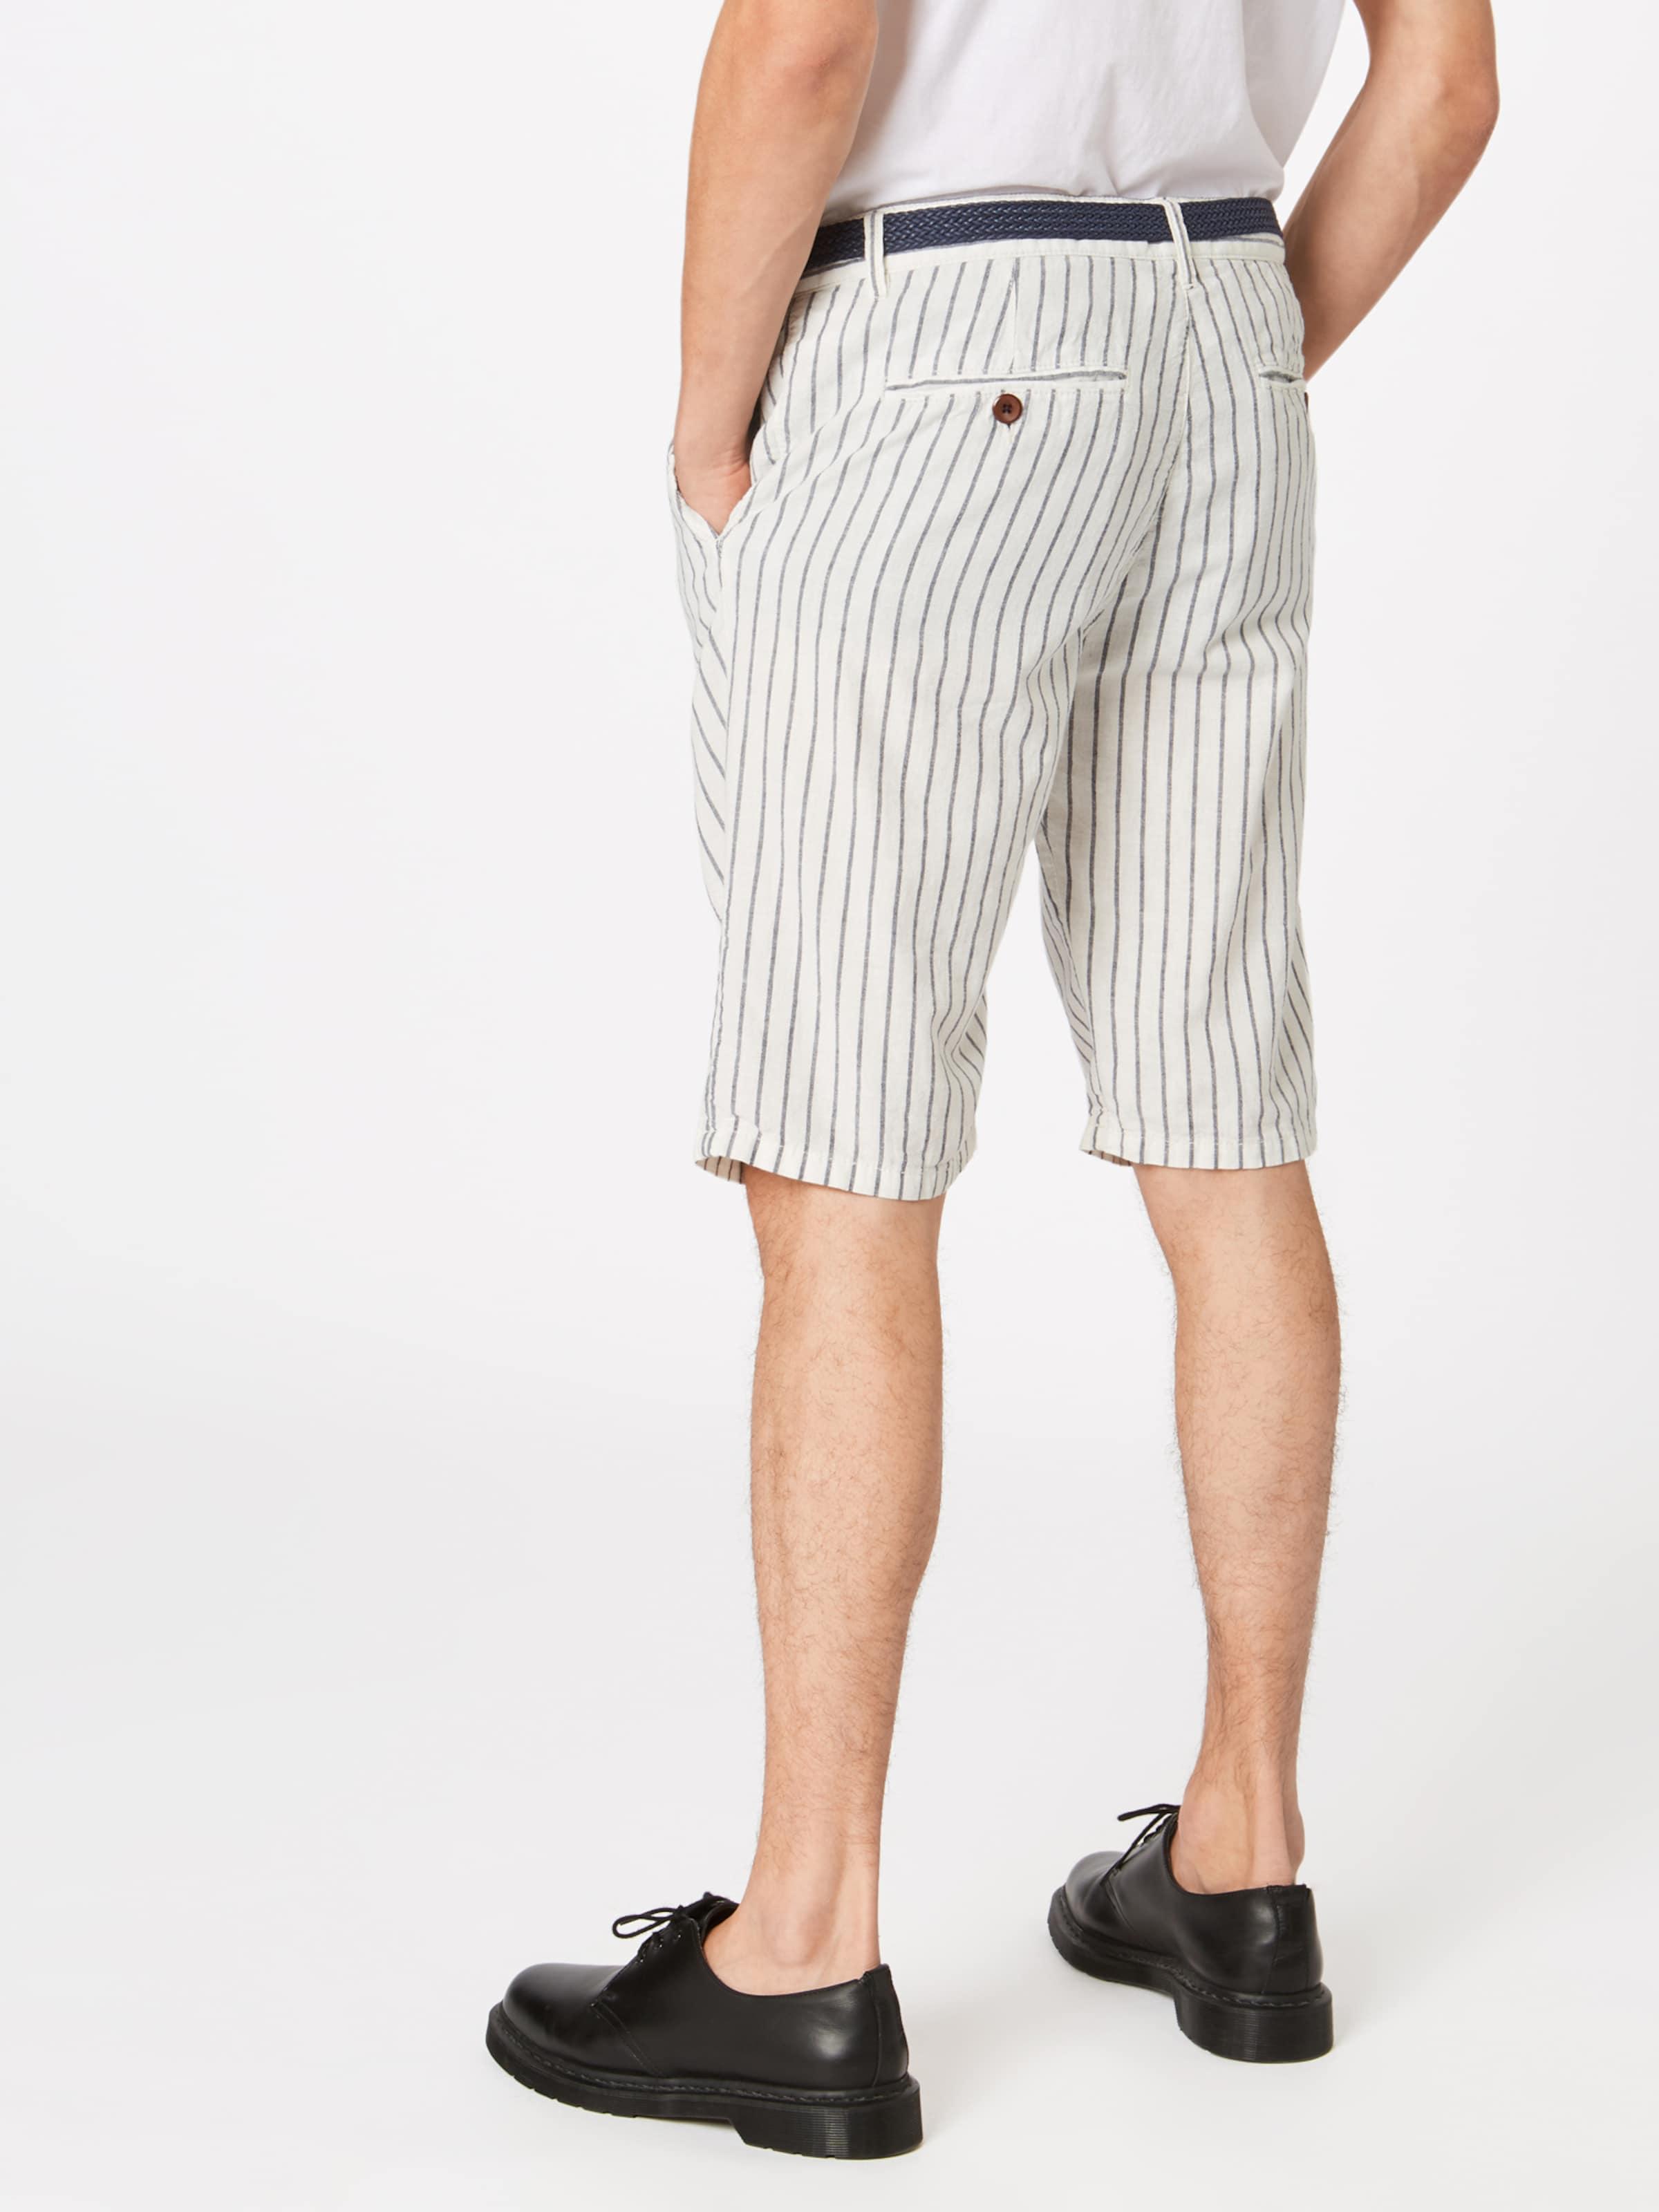 Sh' Pantalon 'co Blanc Chino Li Esprit Stripe En 2E9WHIYD